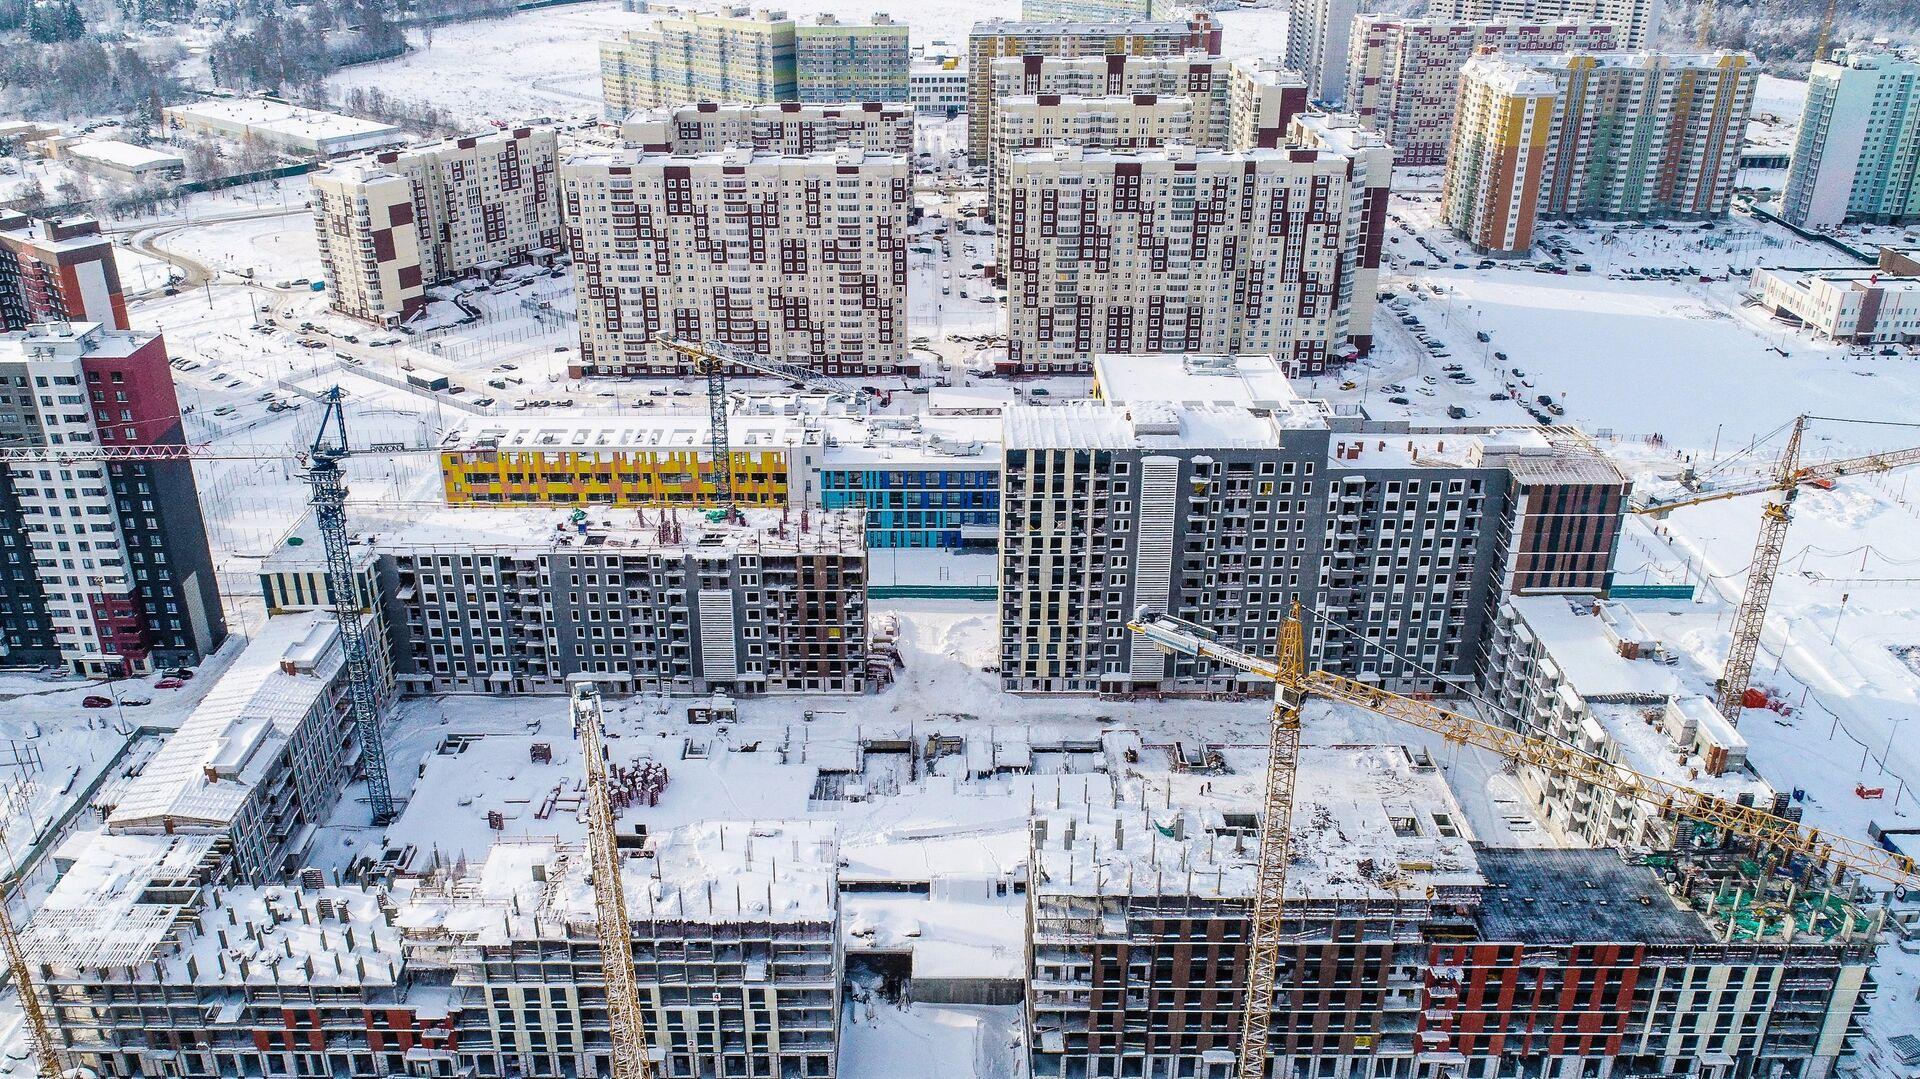 Строительство домов в Новой Москве - РИА Новости, 1920, 10.03.2021